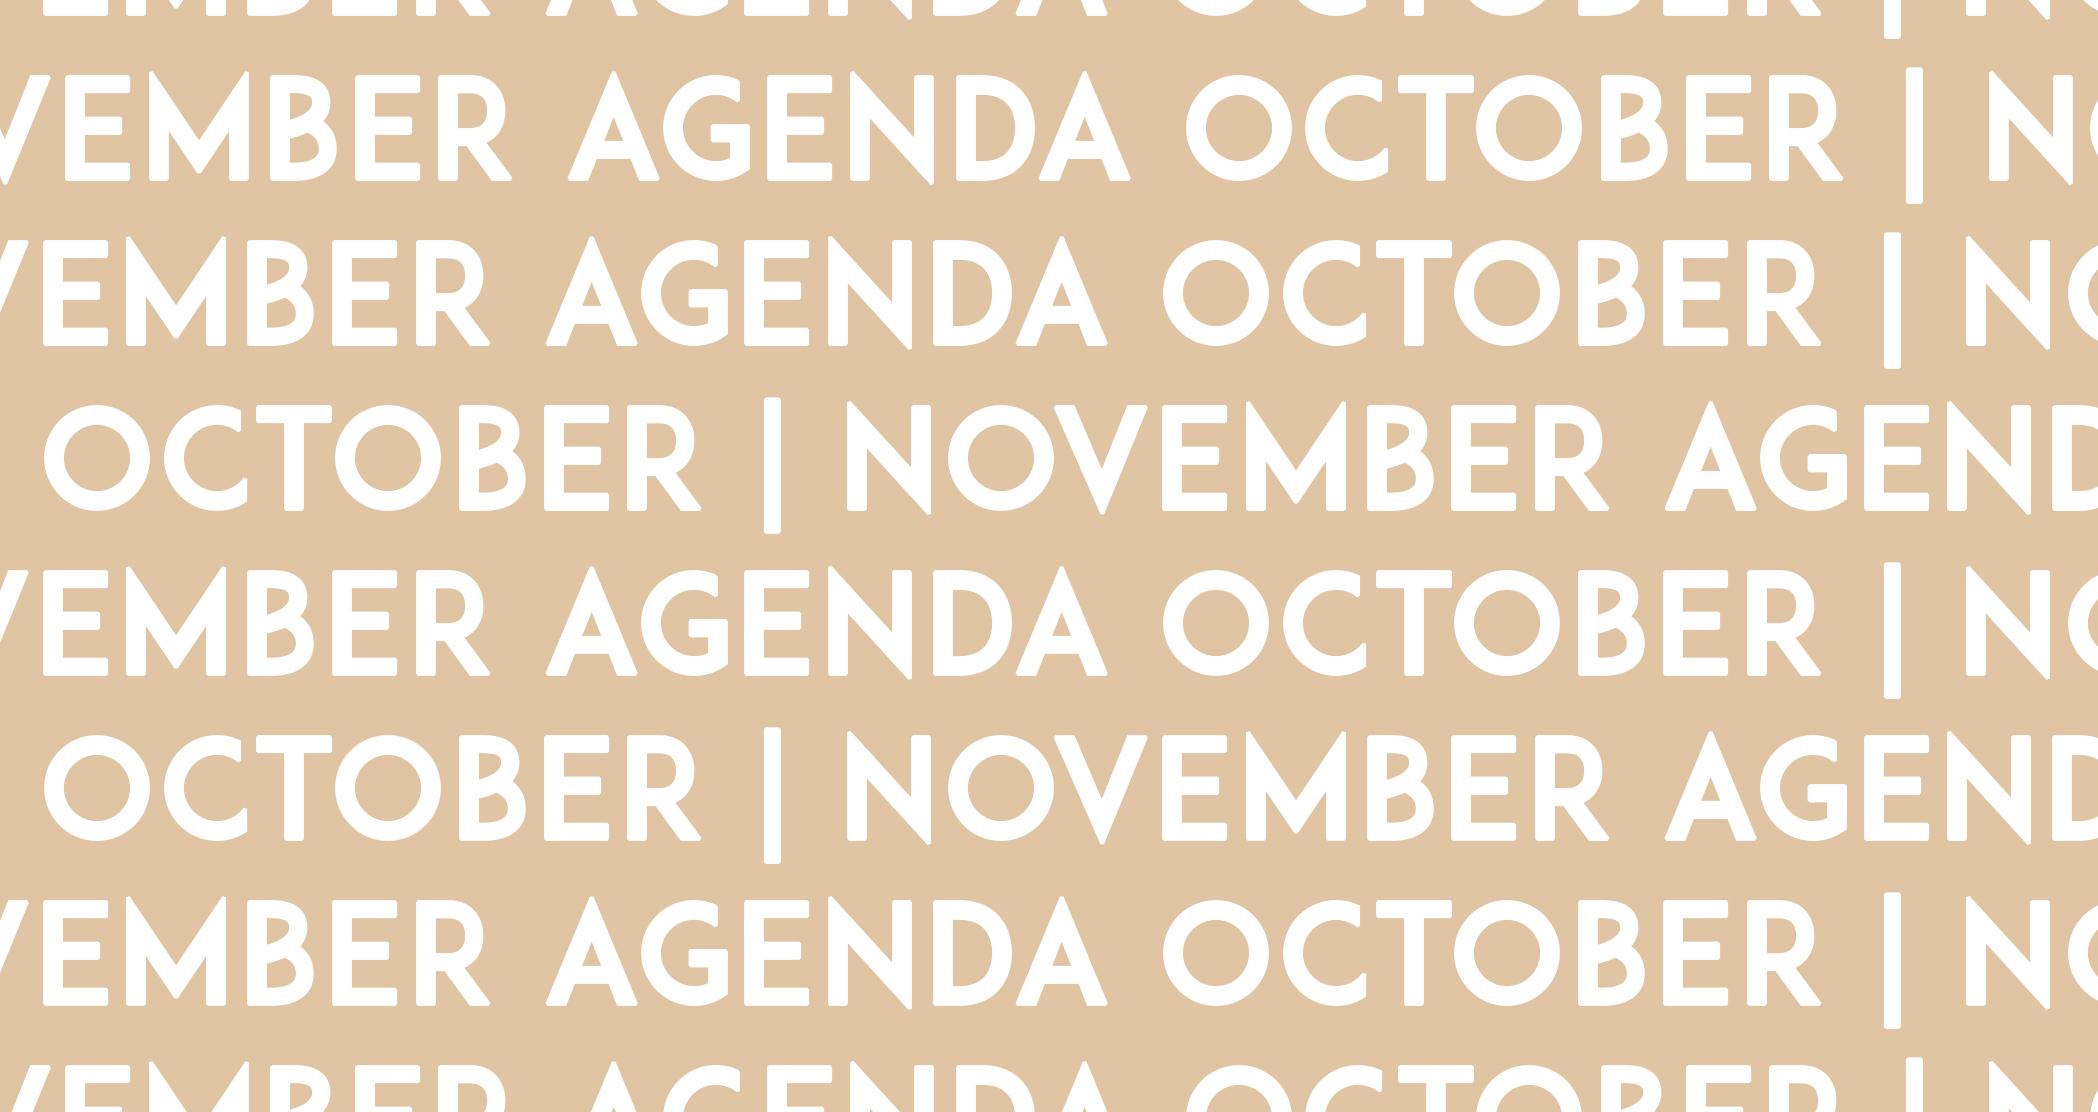 DOOR AGENDA/October-November